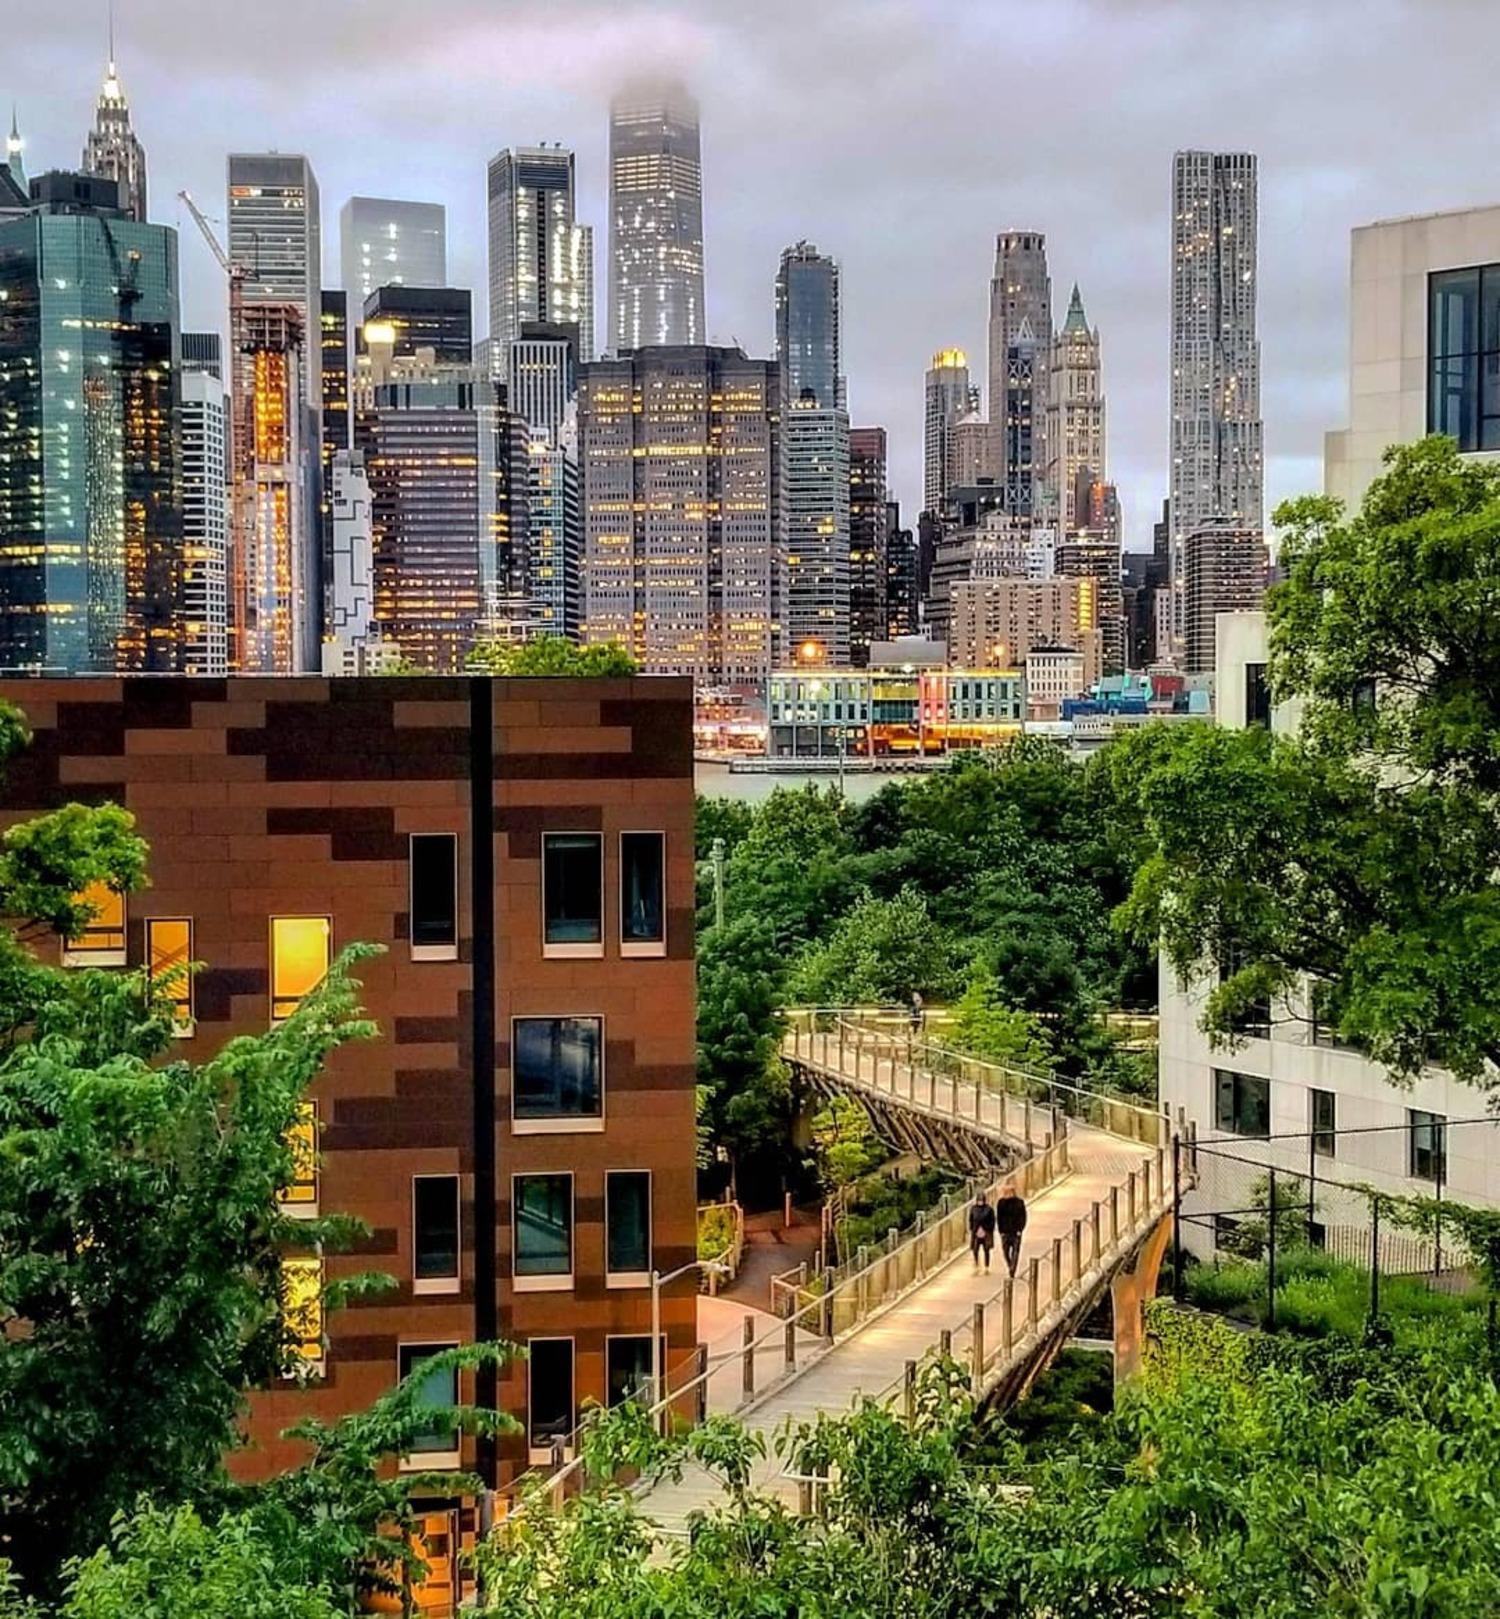 Squibb Park Bridge, Brooklyn Bridge Park, Brooklyn